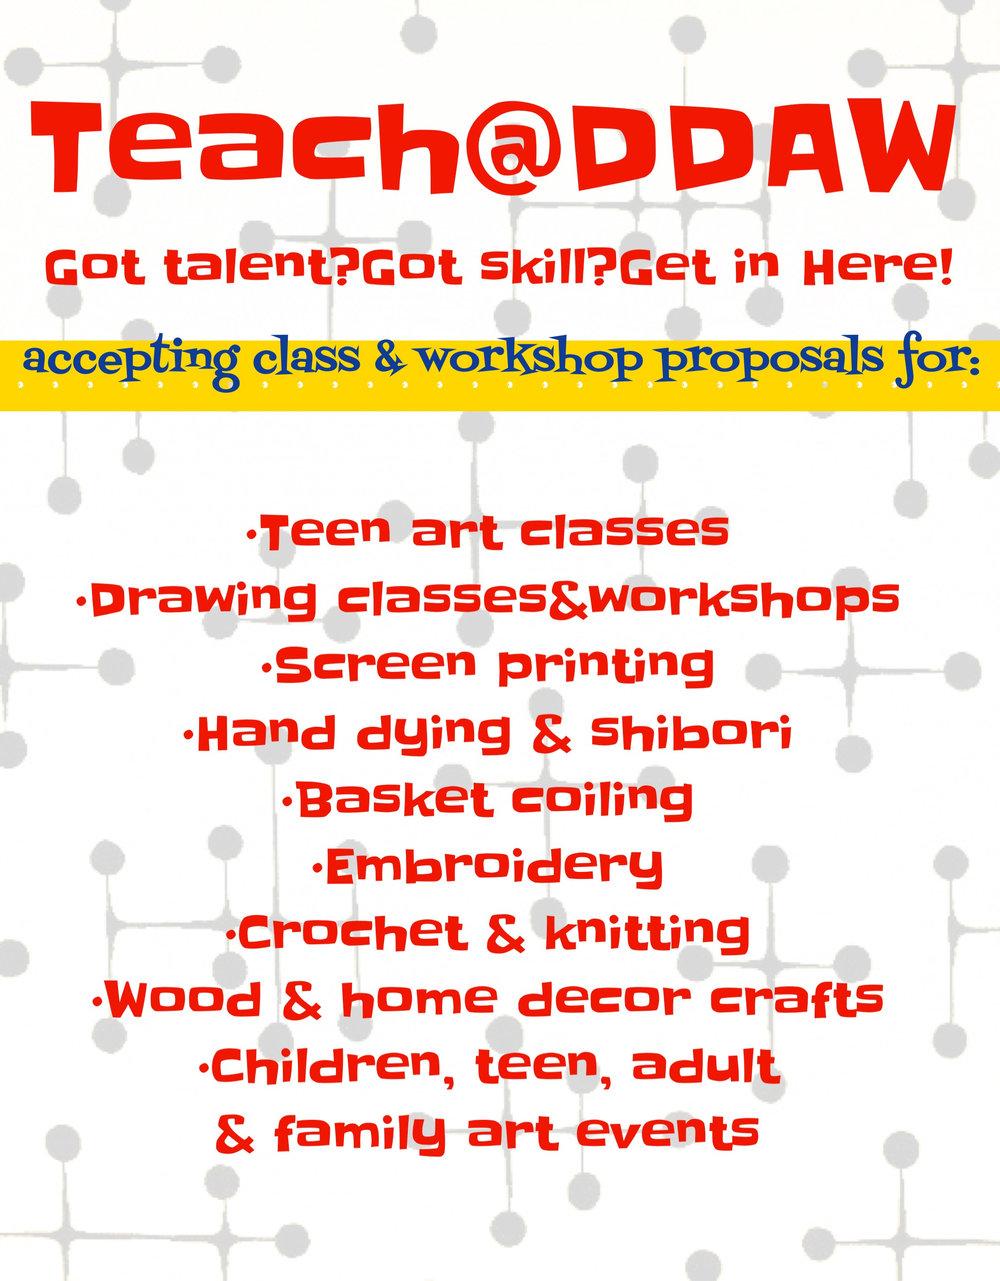 teach ddaw.jpg